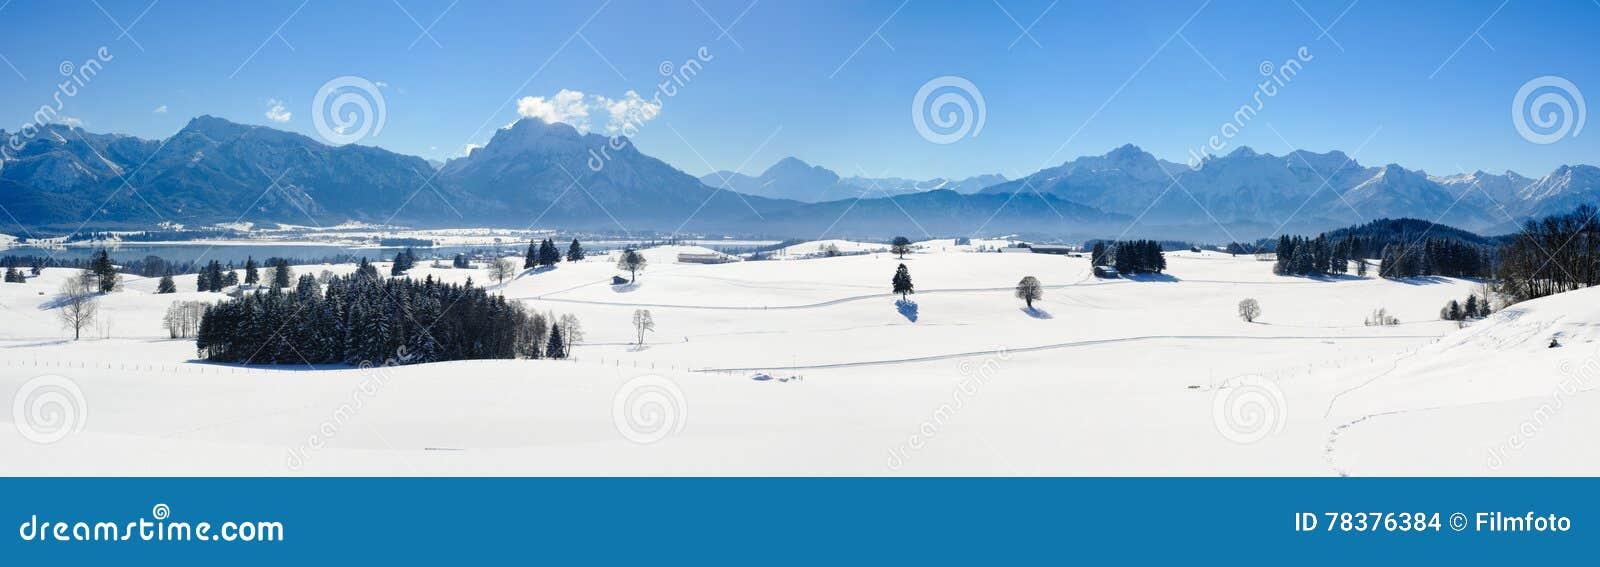 Breite Panoramalandschaft im Bayern mit Alpenbergen und im See im Winter